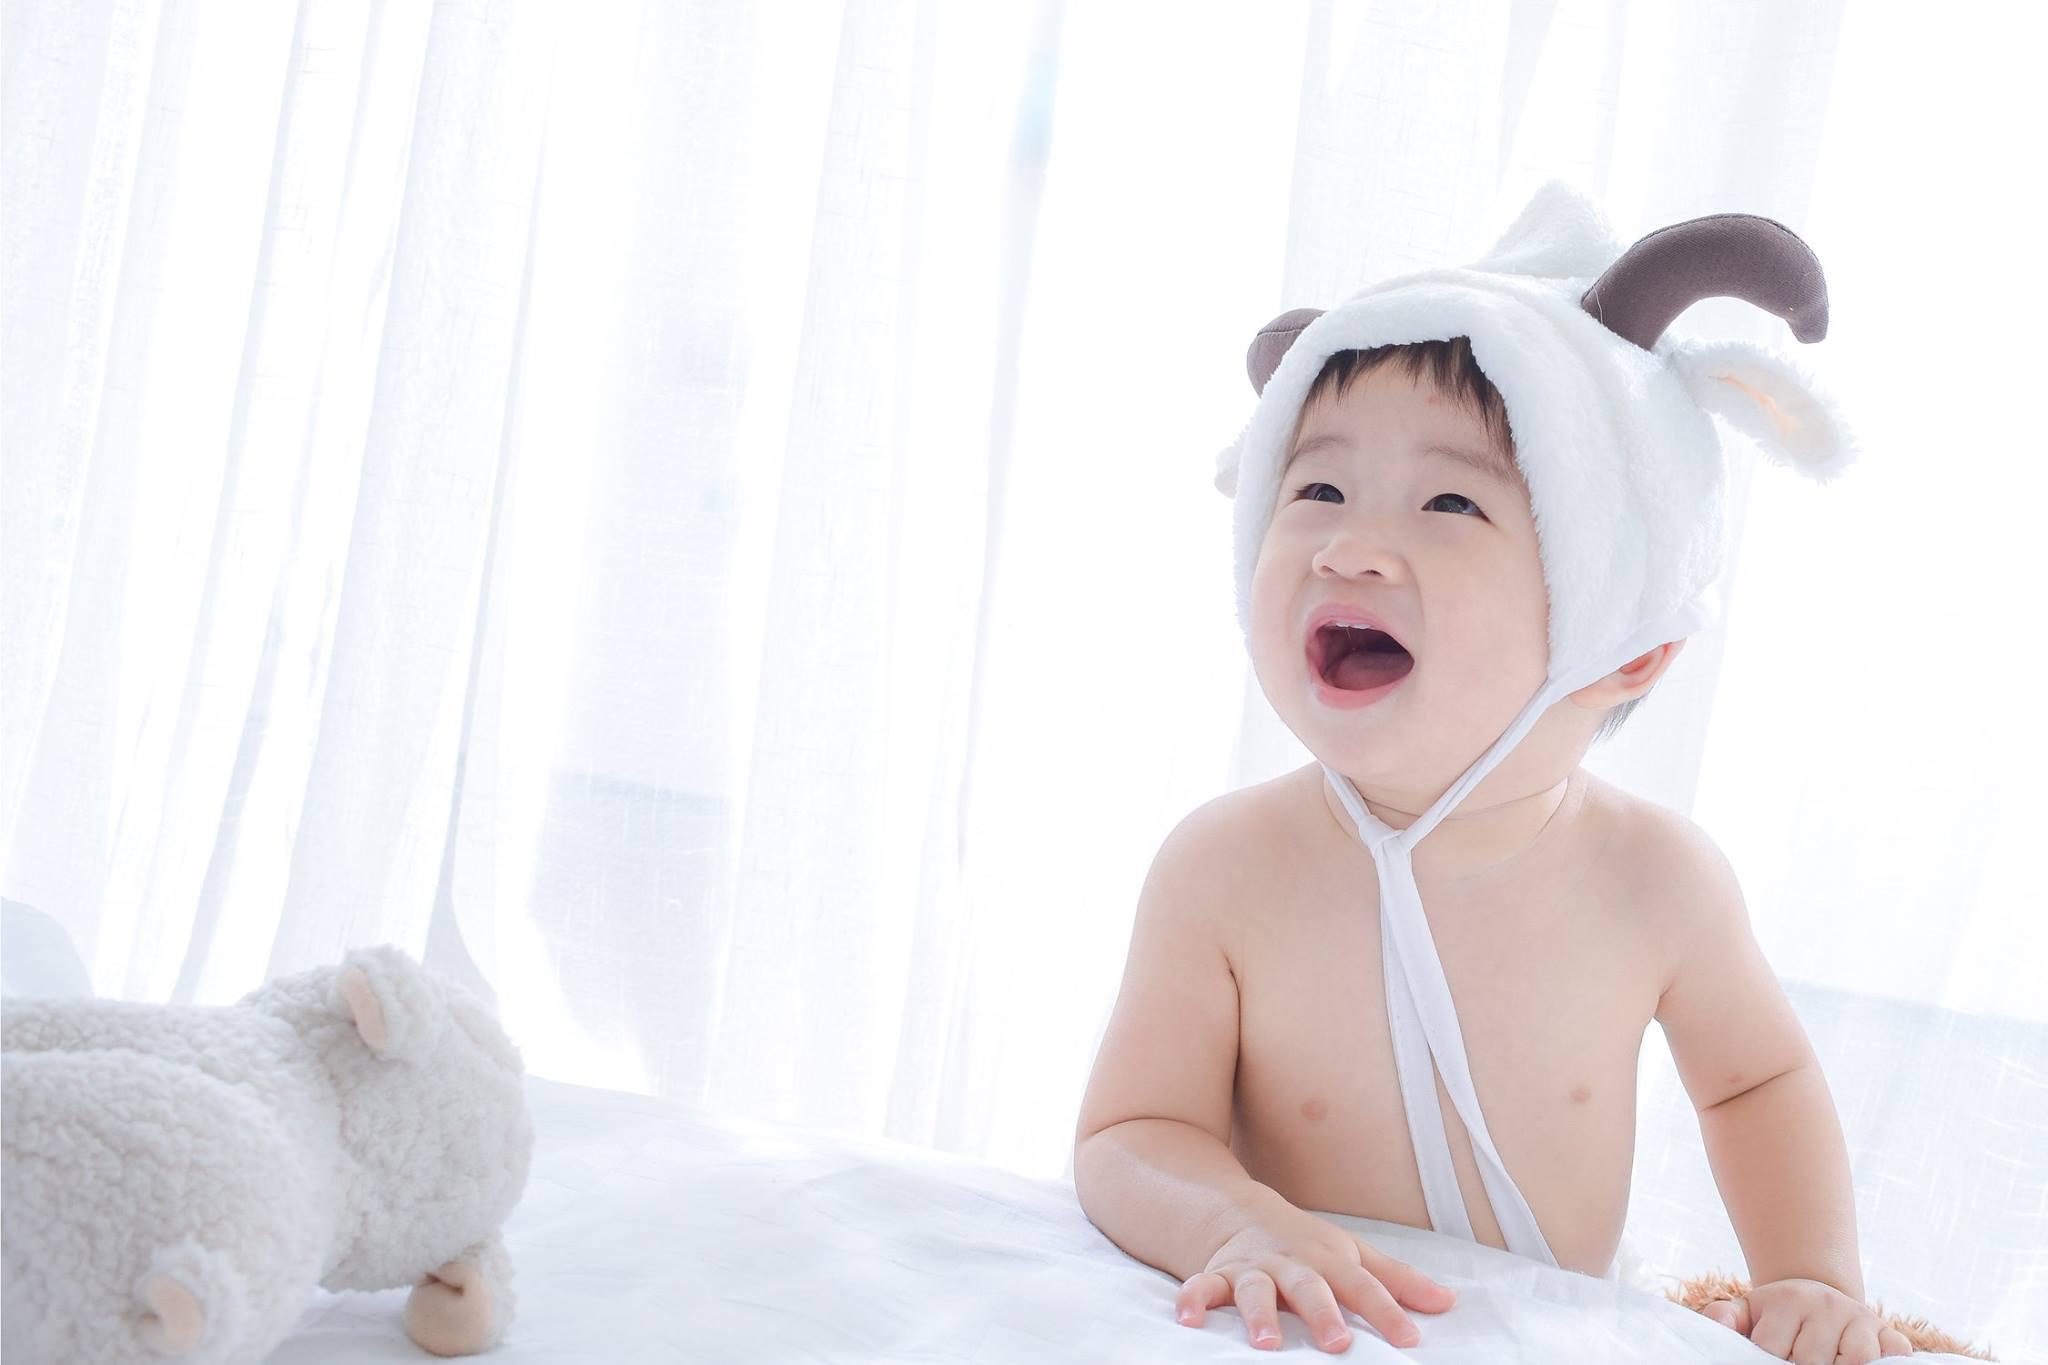 寶寶攝影,寶寶寫真,兒童攝影,全家福攝影